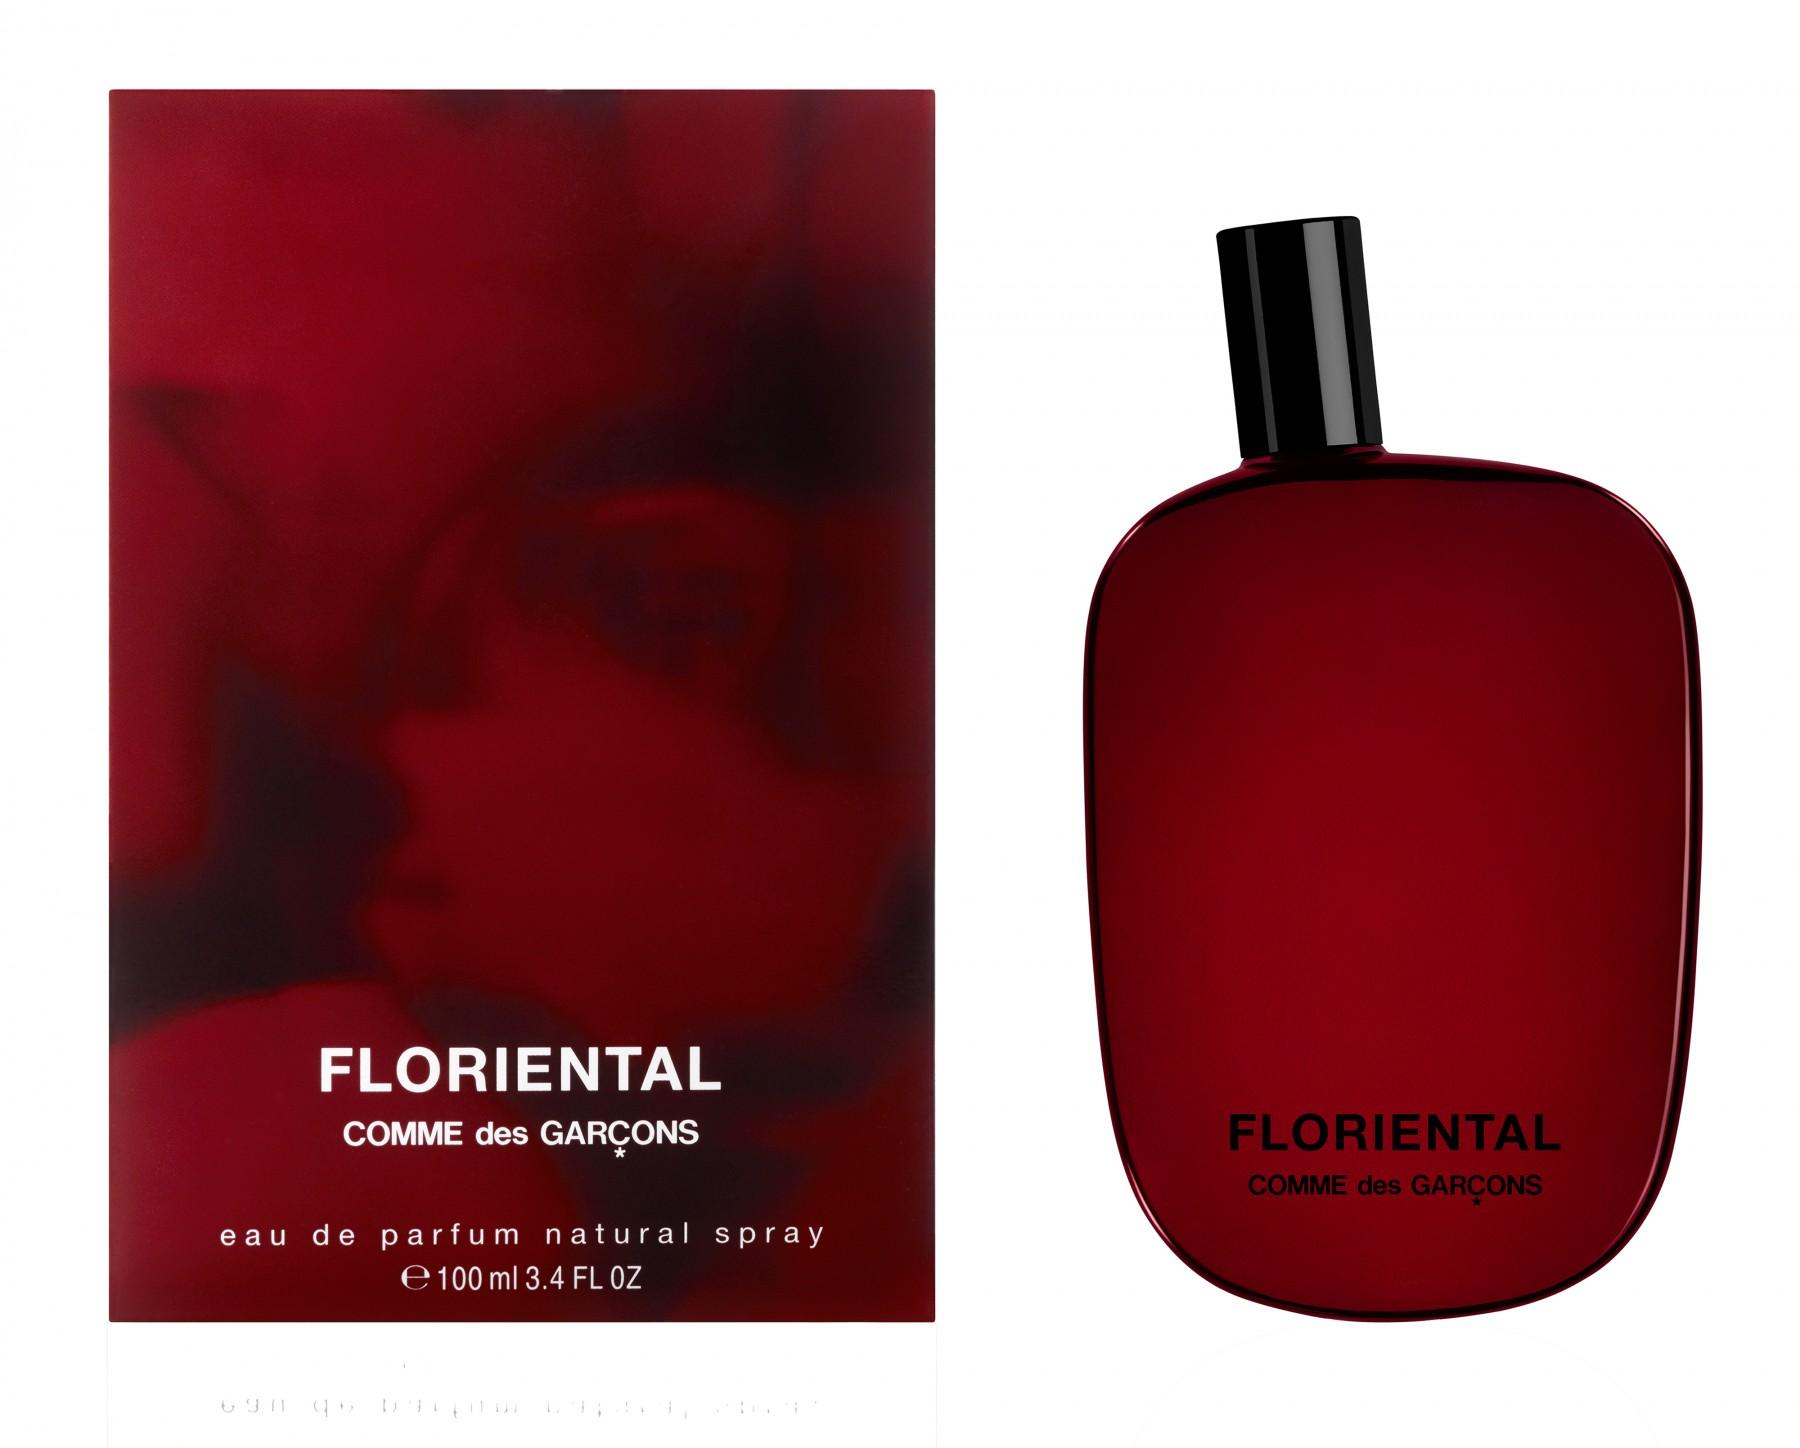 cdg-floriental-parfum